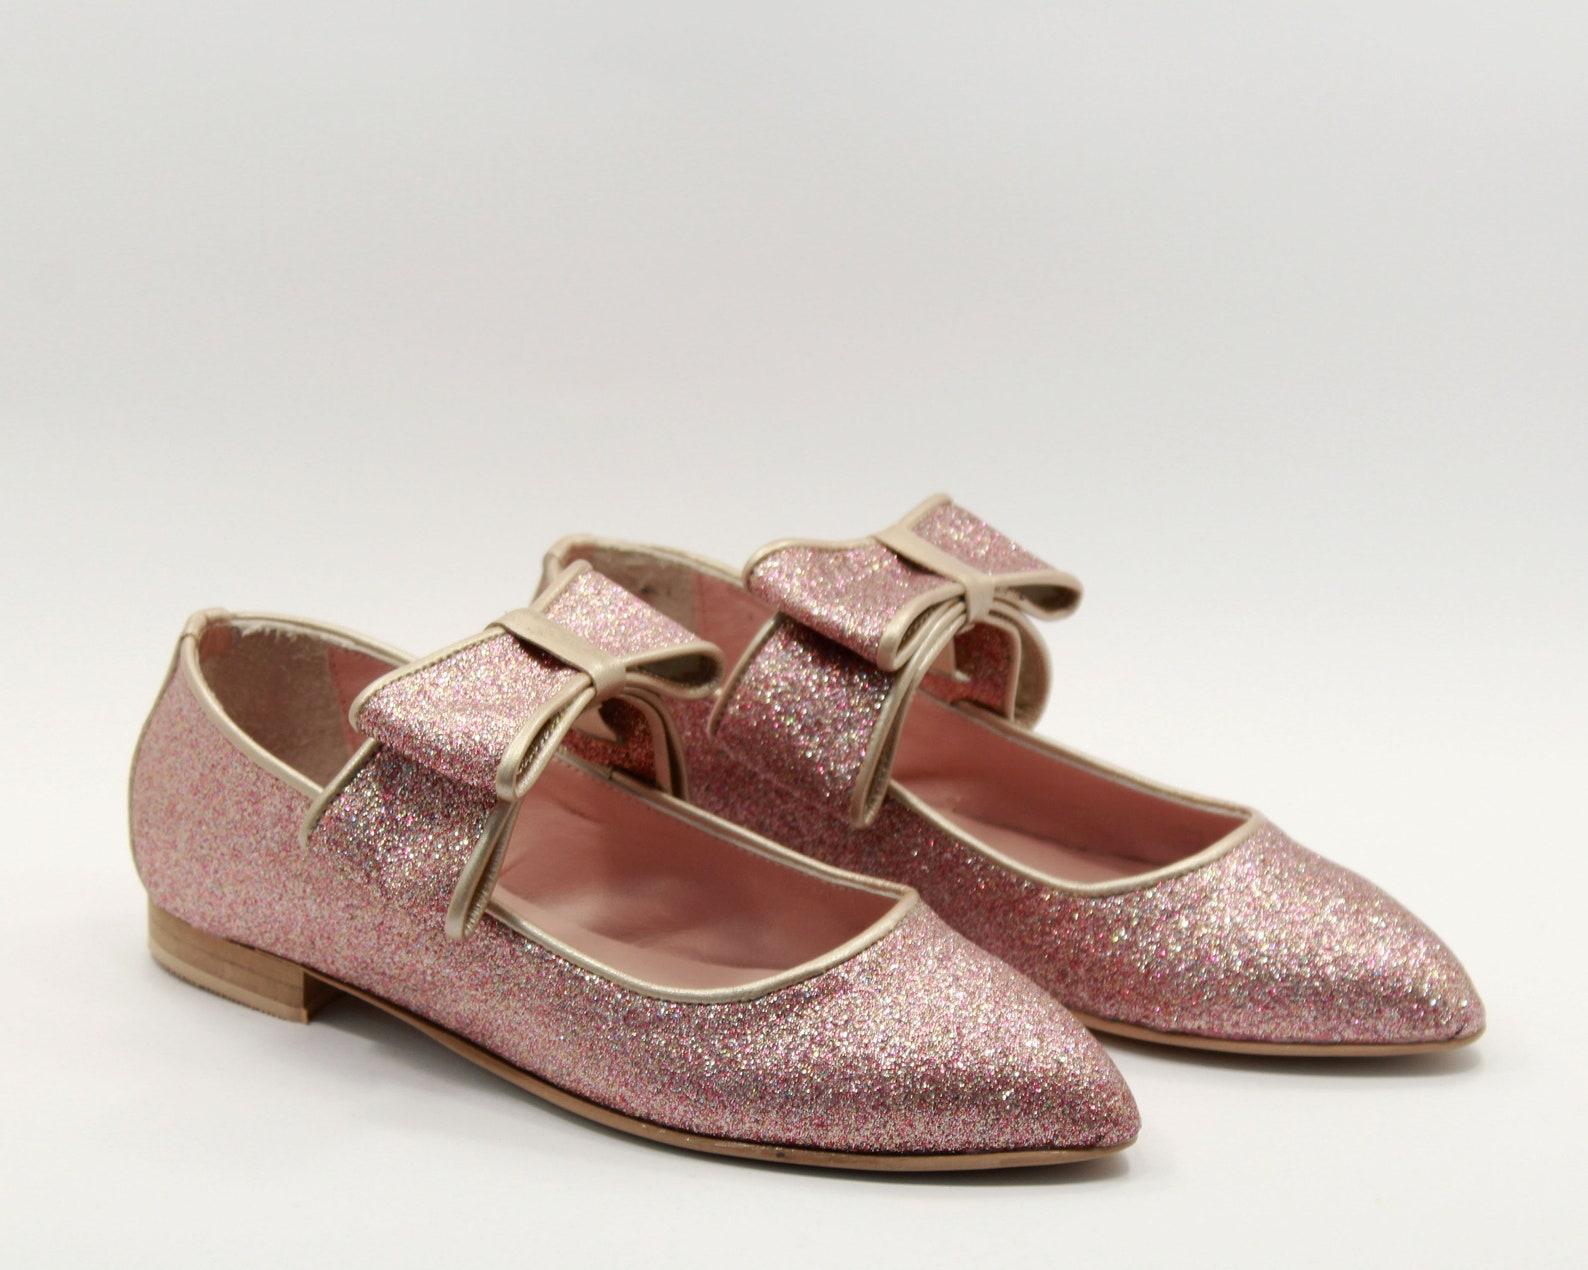 pink glitter women shoes flats glitter shoes bows ballerinas pink bows womens pink shoes nude ballet pink glitter flats handmade